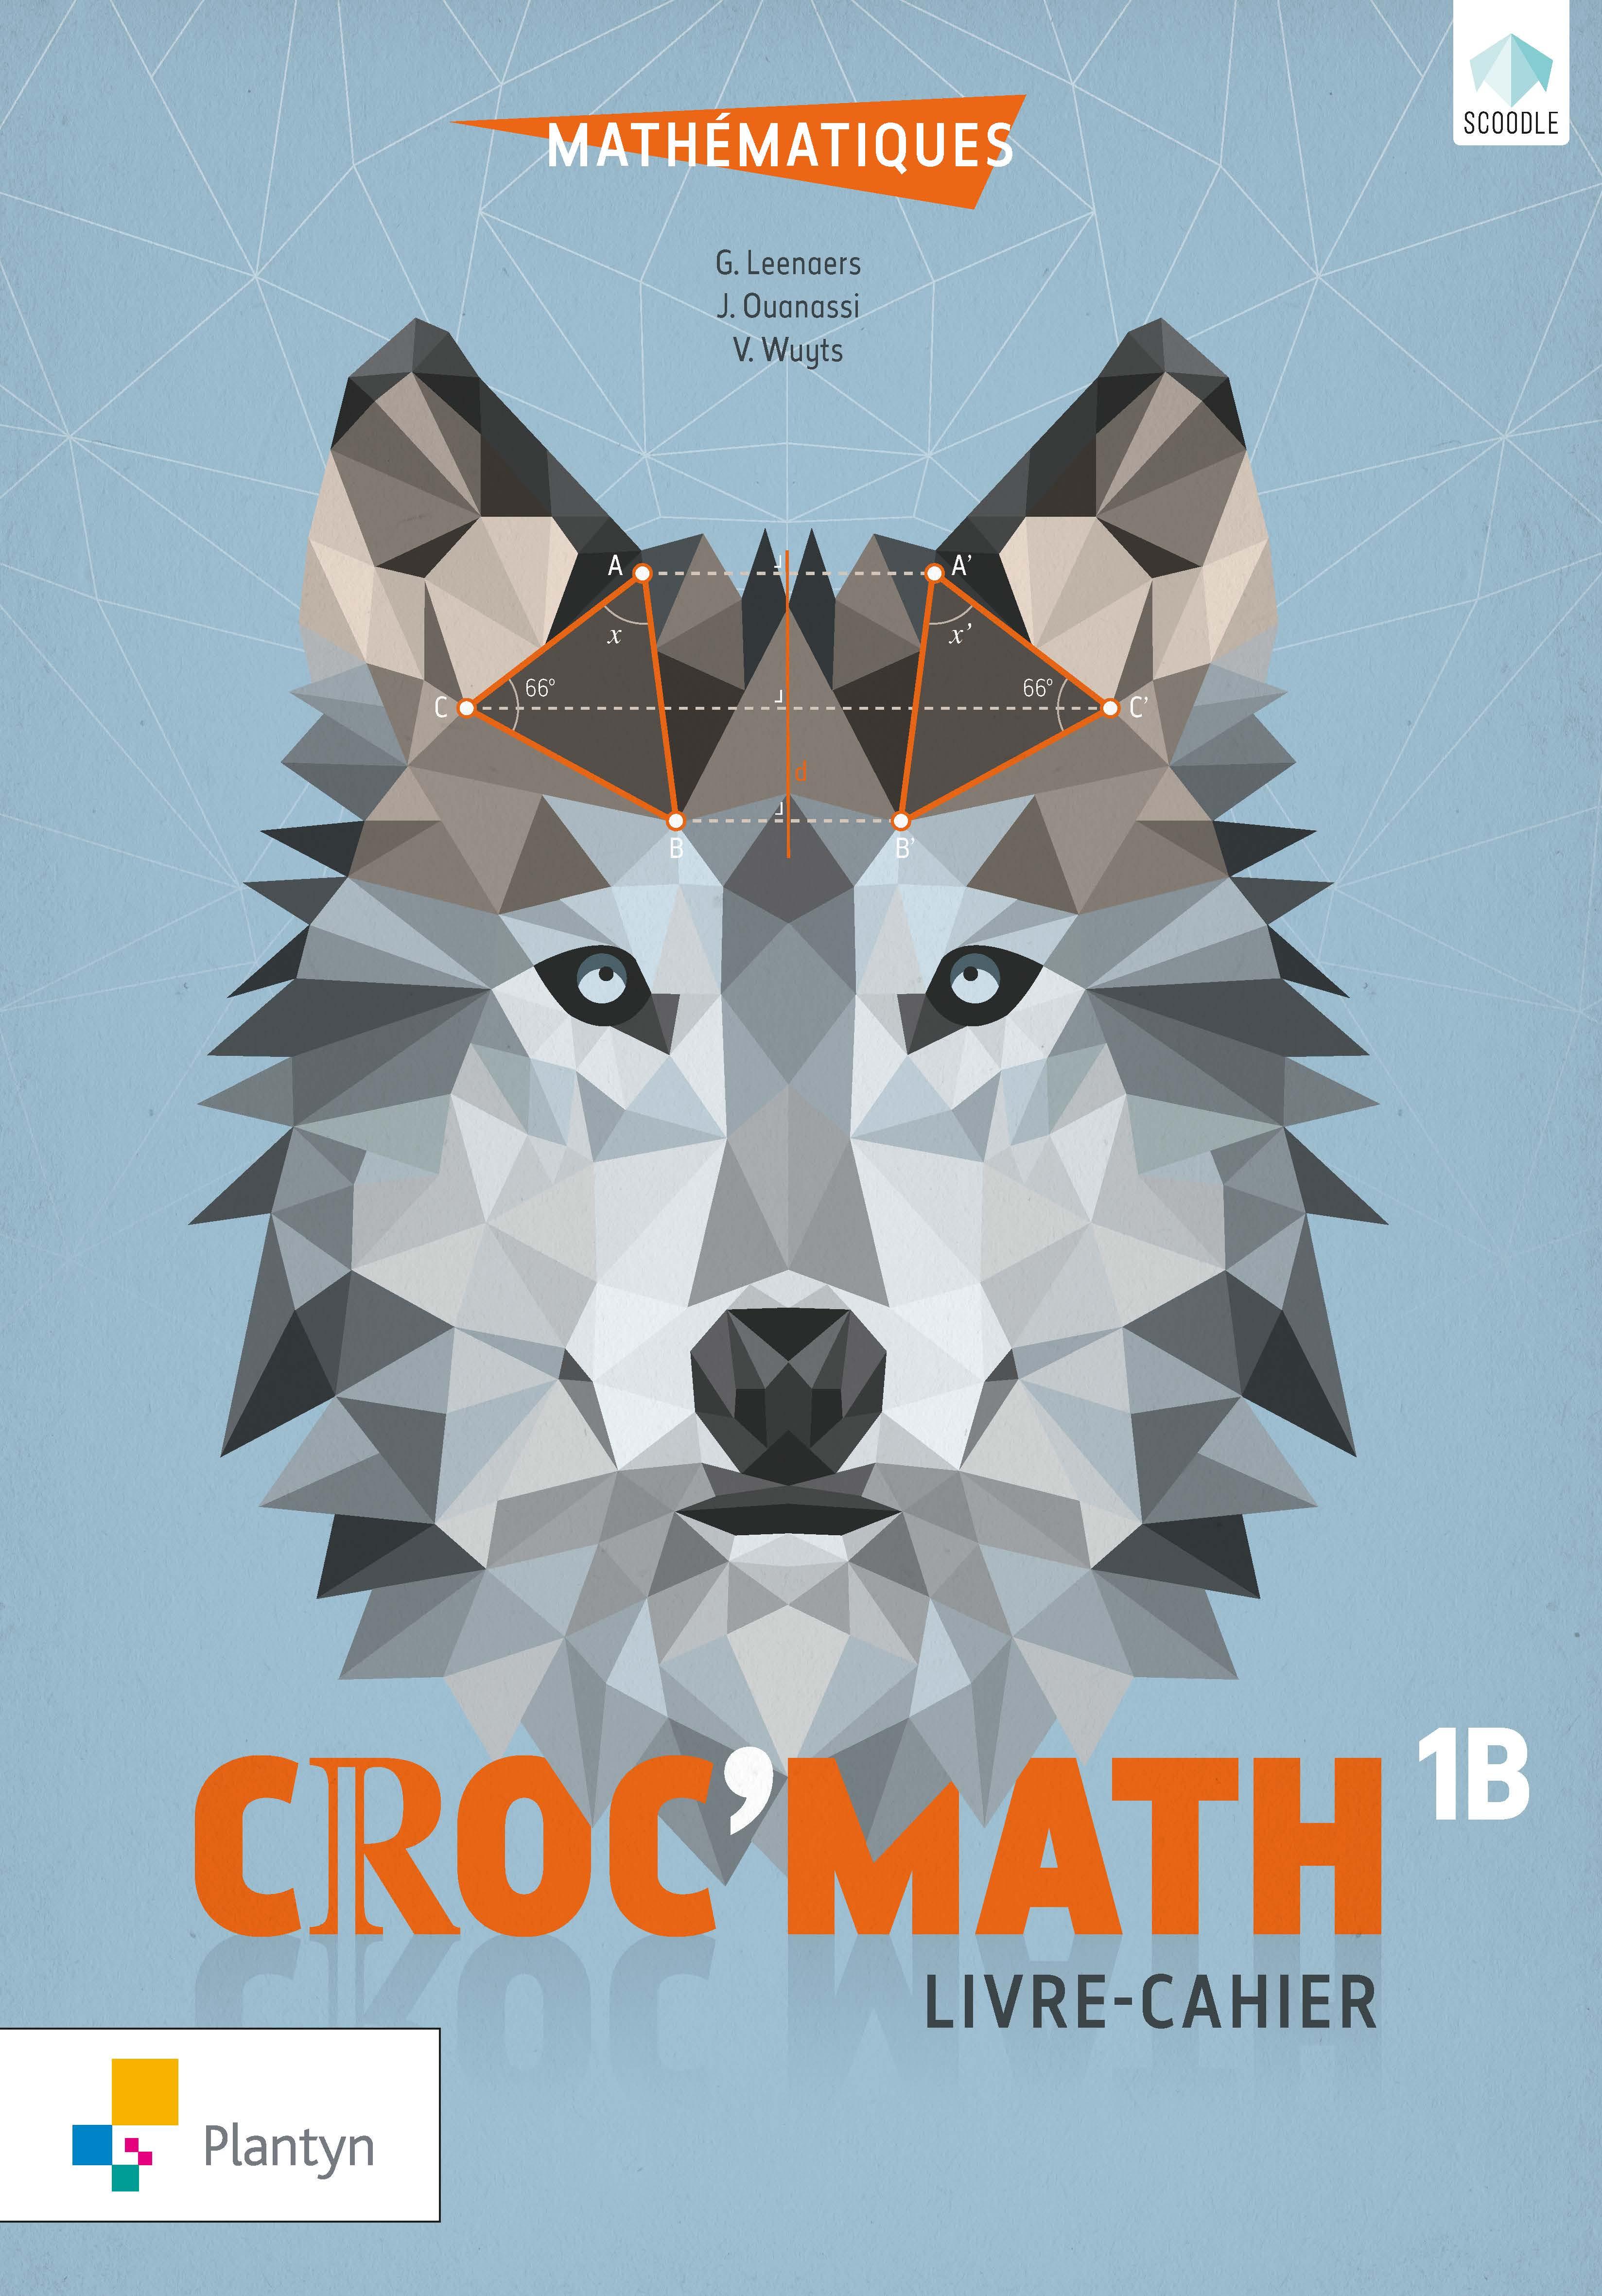 Croc'math 1B : livre-cahier